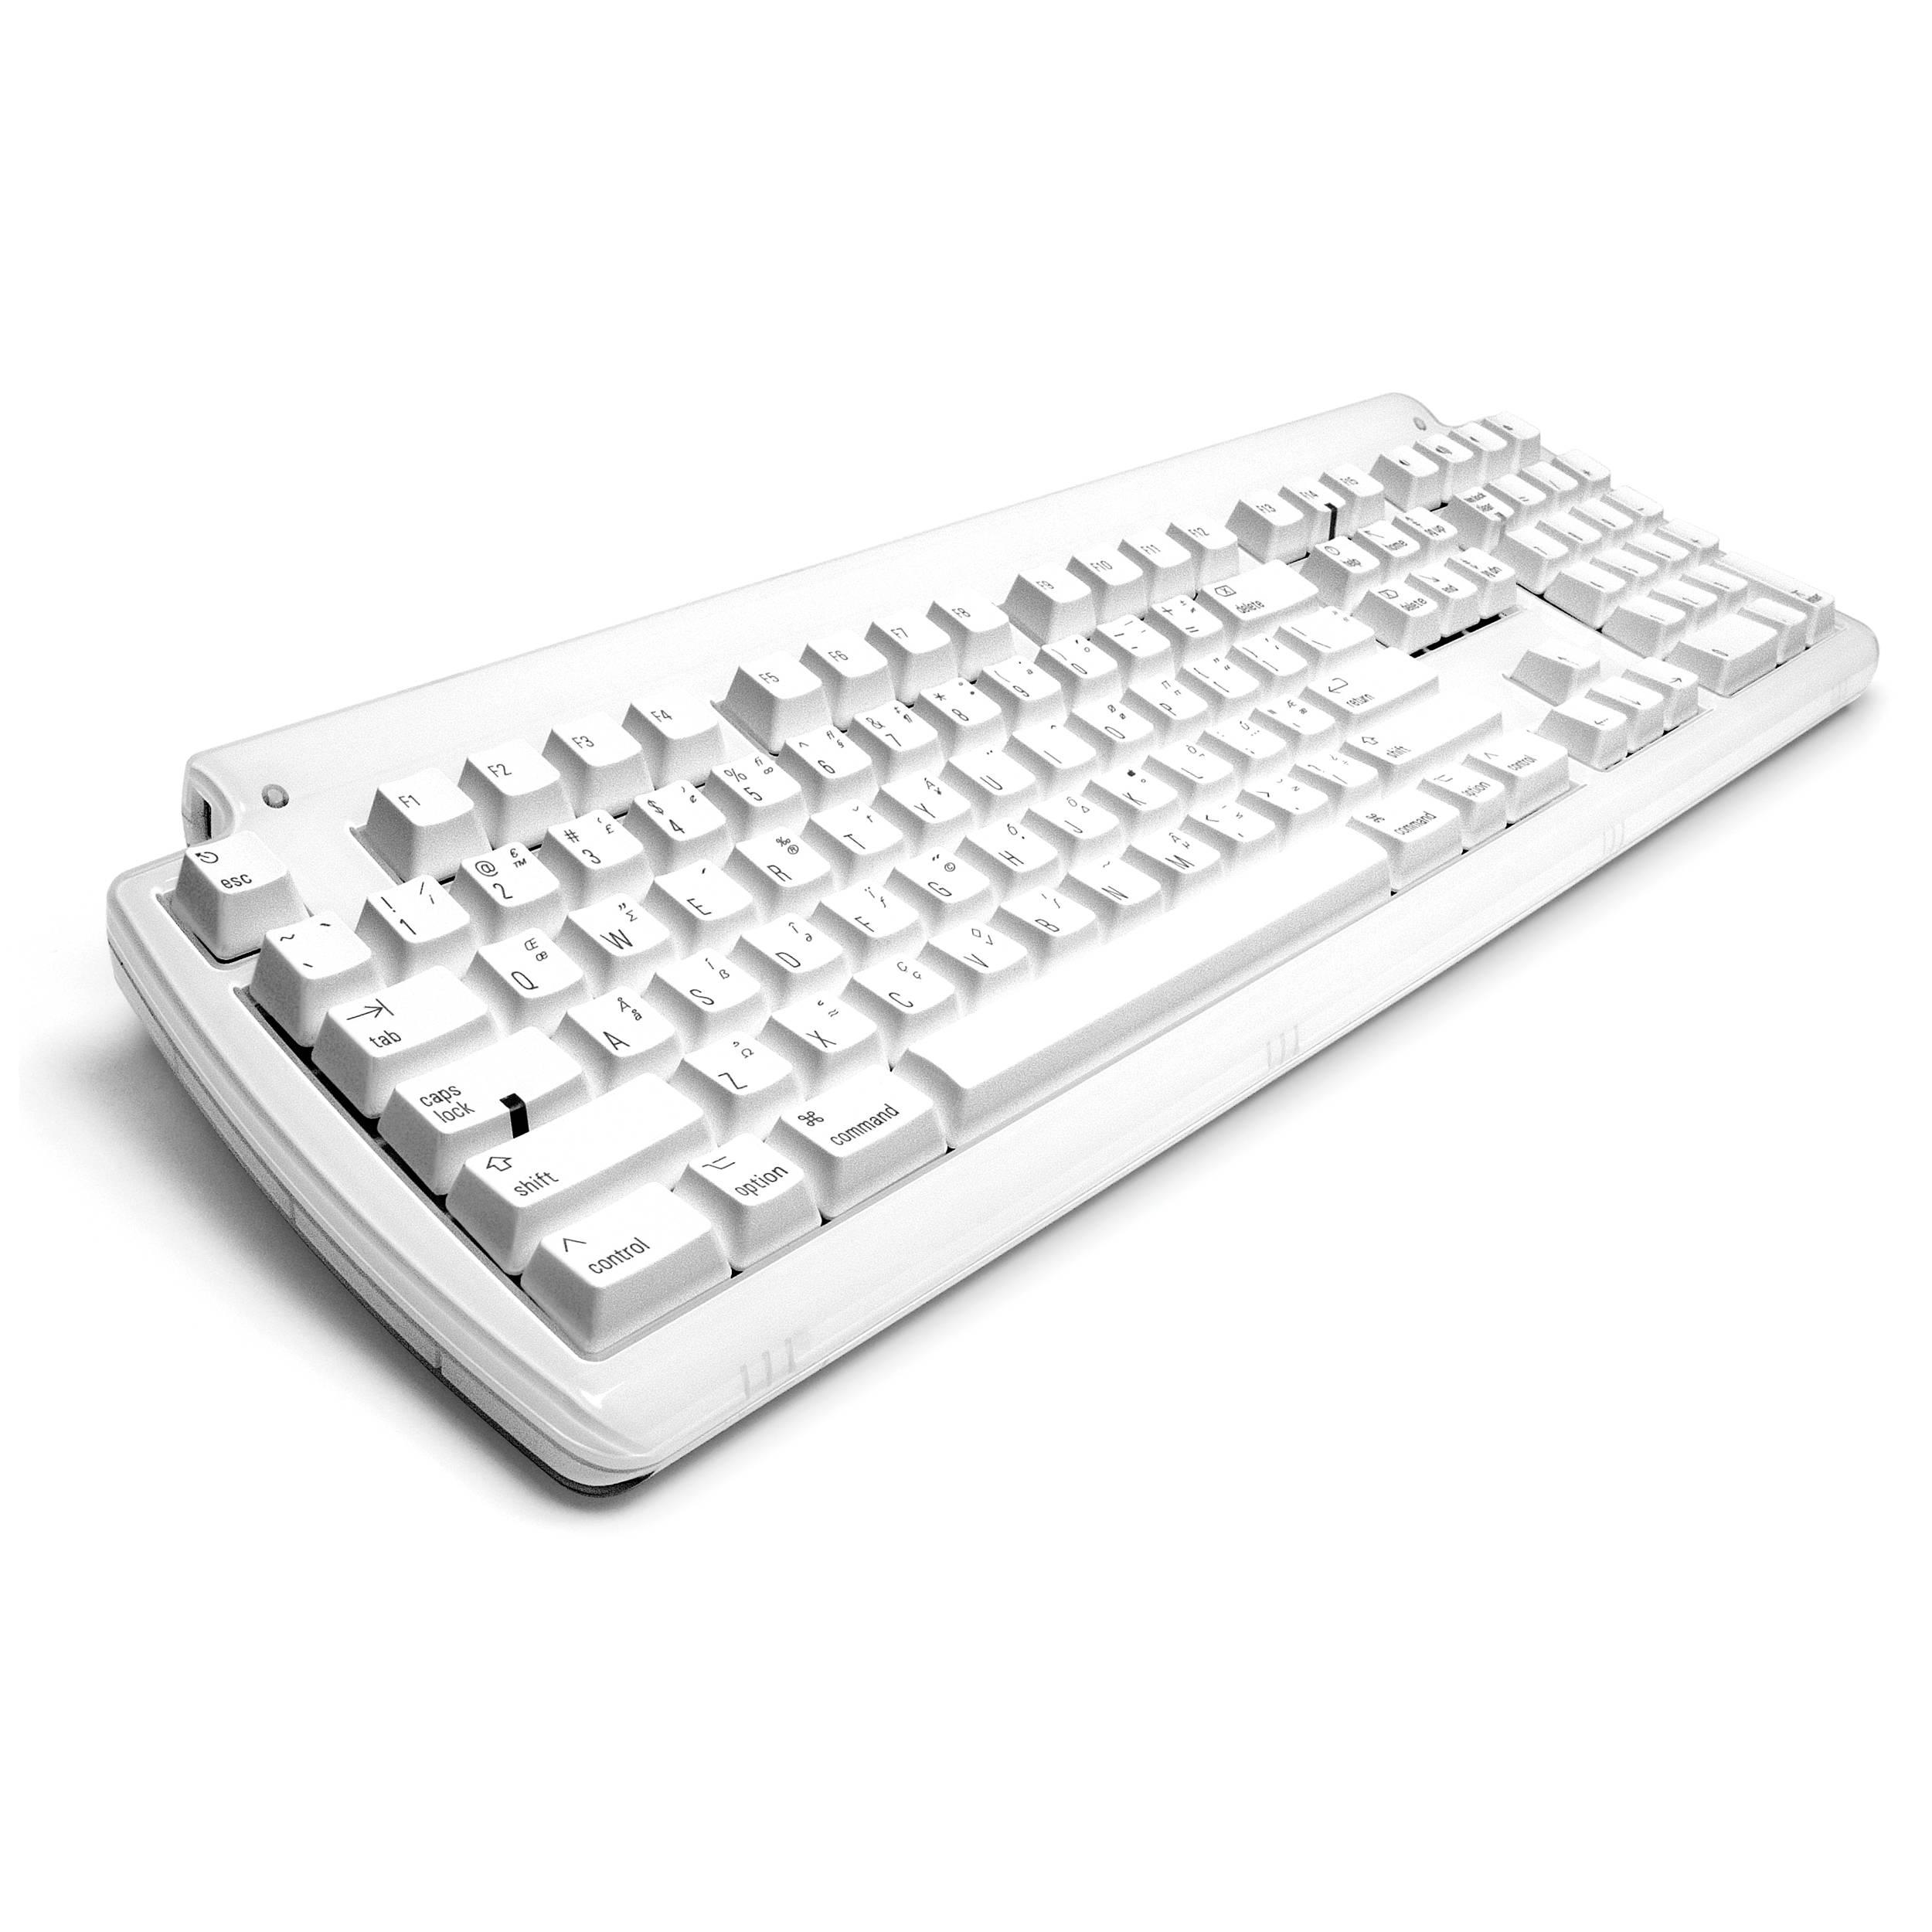 Matias Tactile Pro Keyboard for Mac (White)